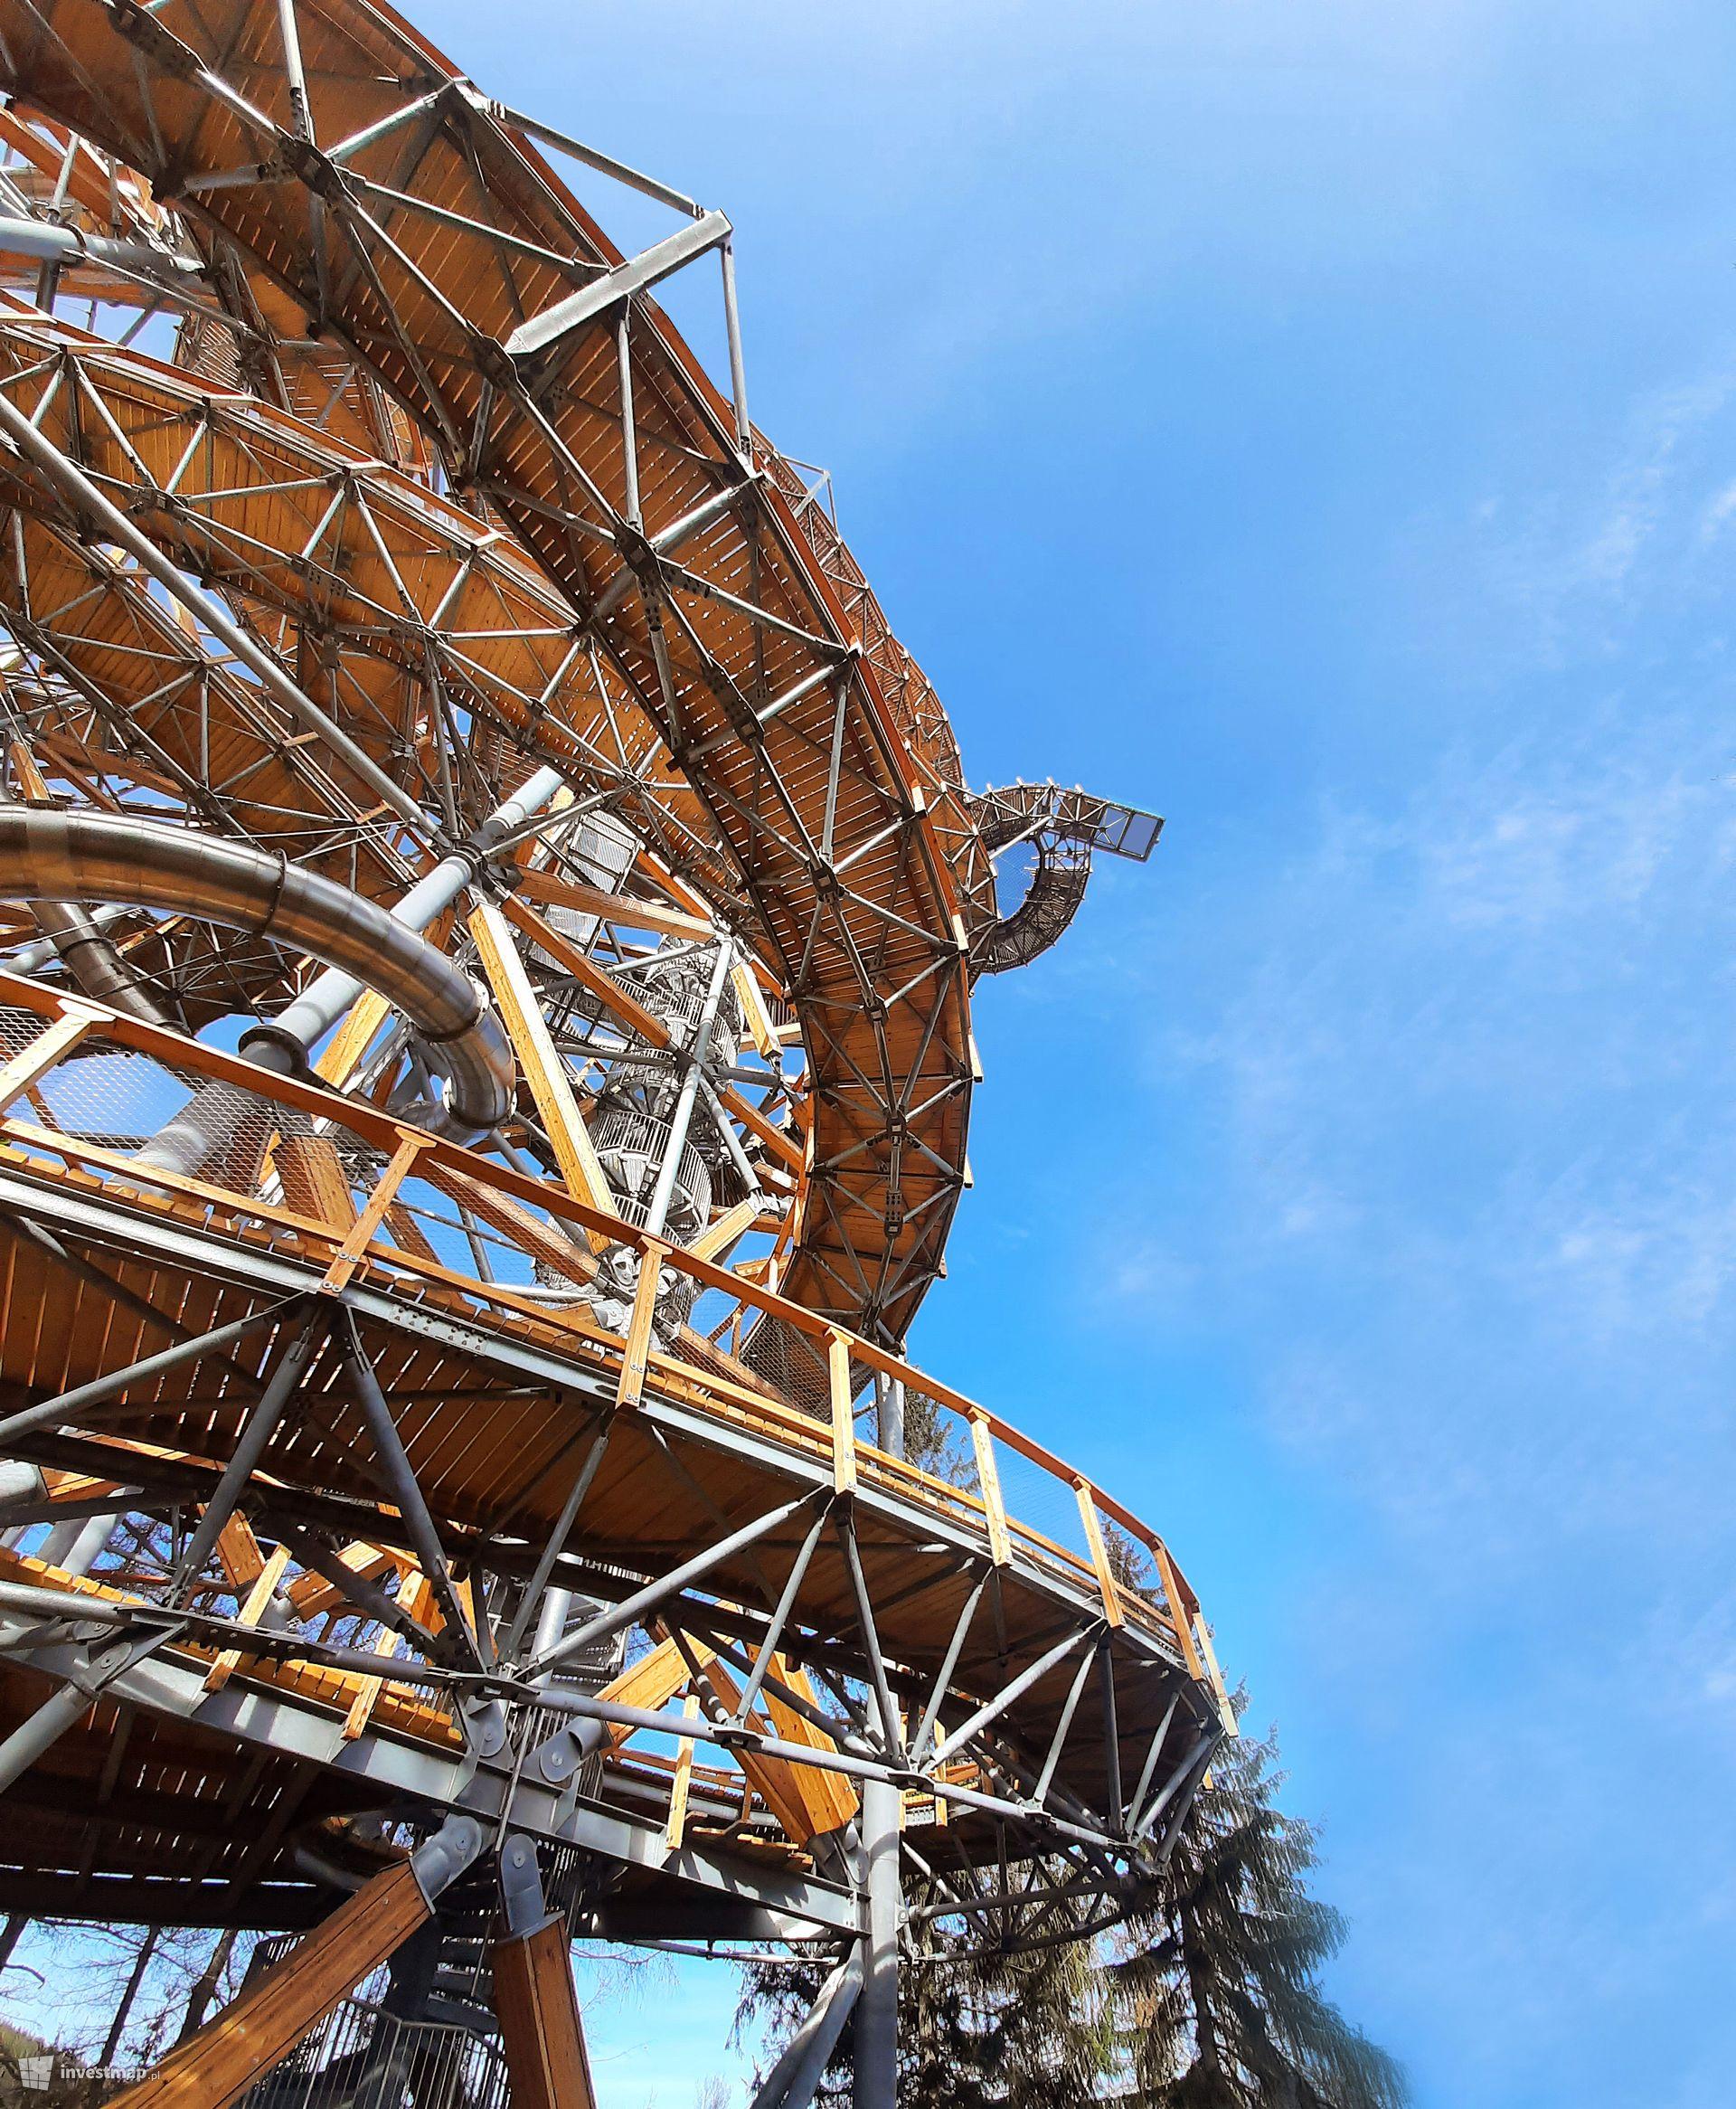 Sky Walk - wieża widokowa ze ścieżką edukacyjną w koronach drzew